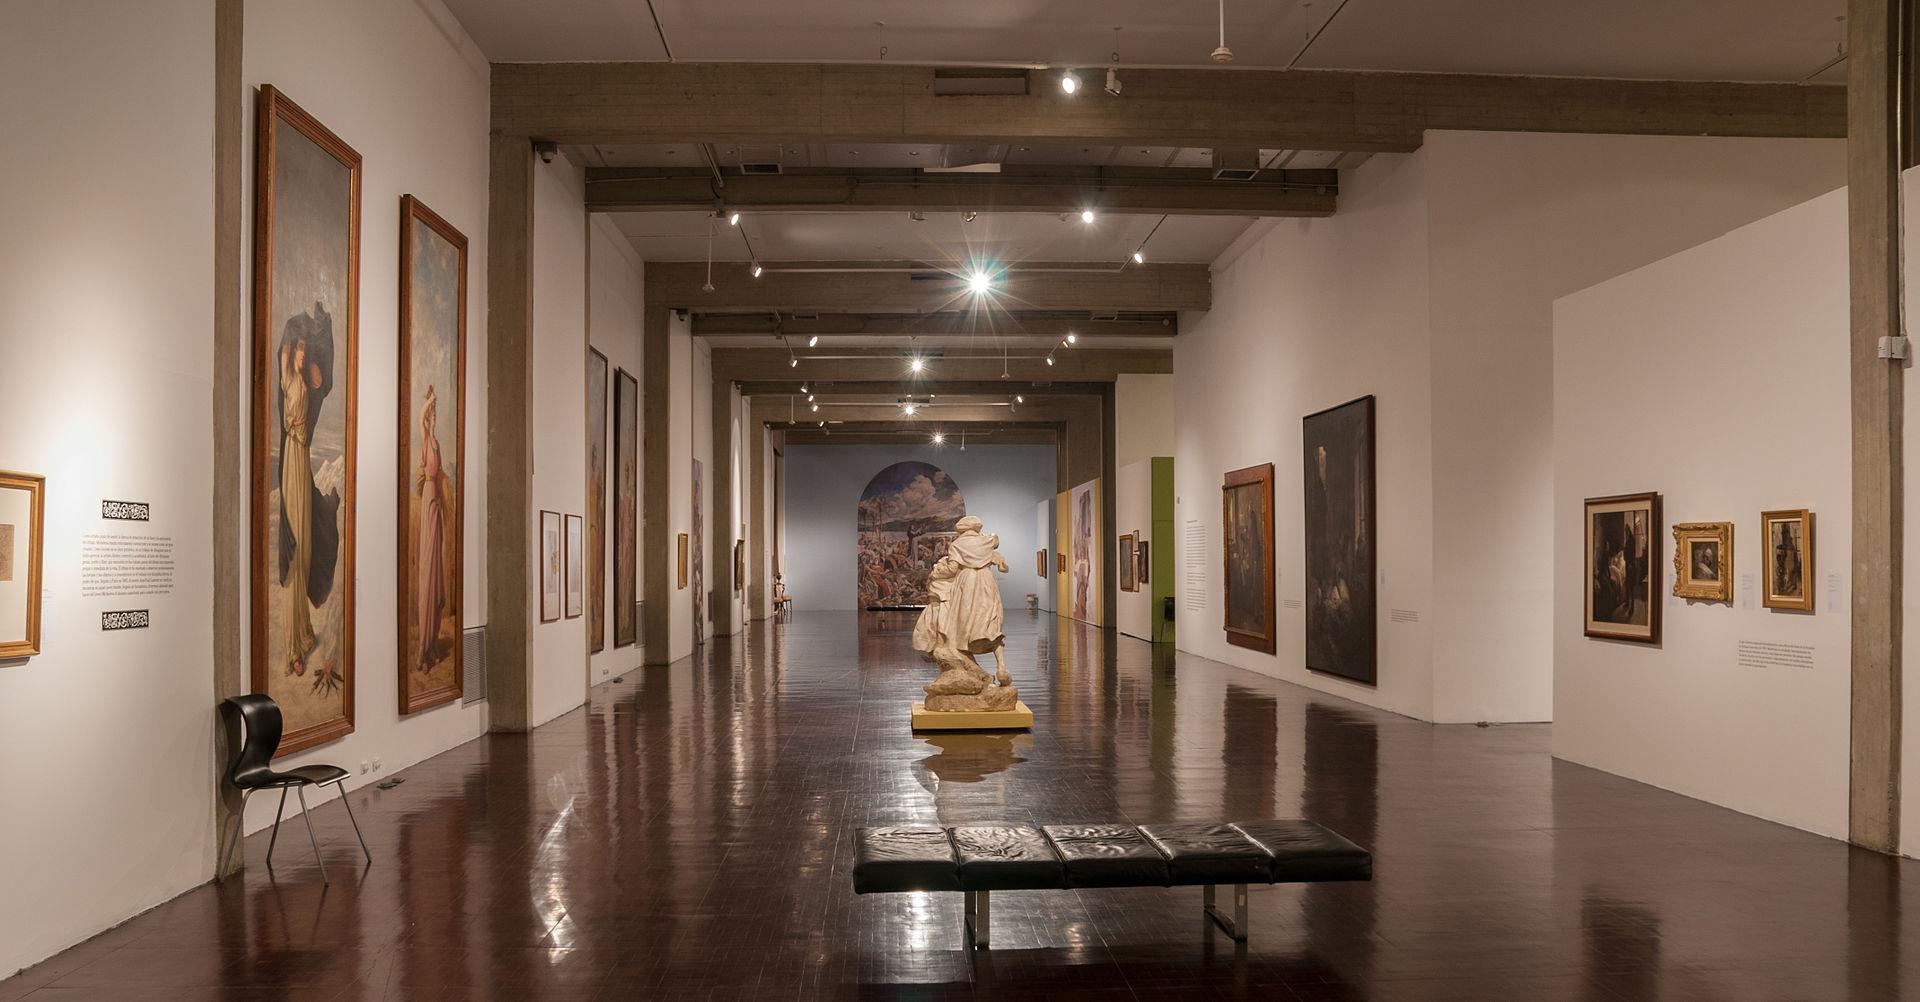 Galer a de arte nacional caracas wikipedia la - Galerista de arte ...